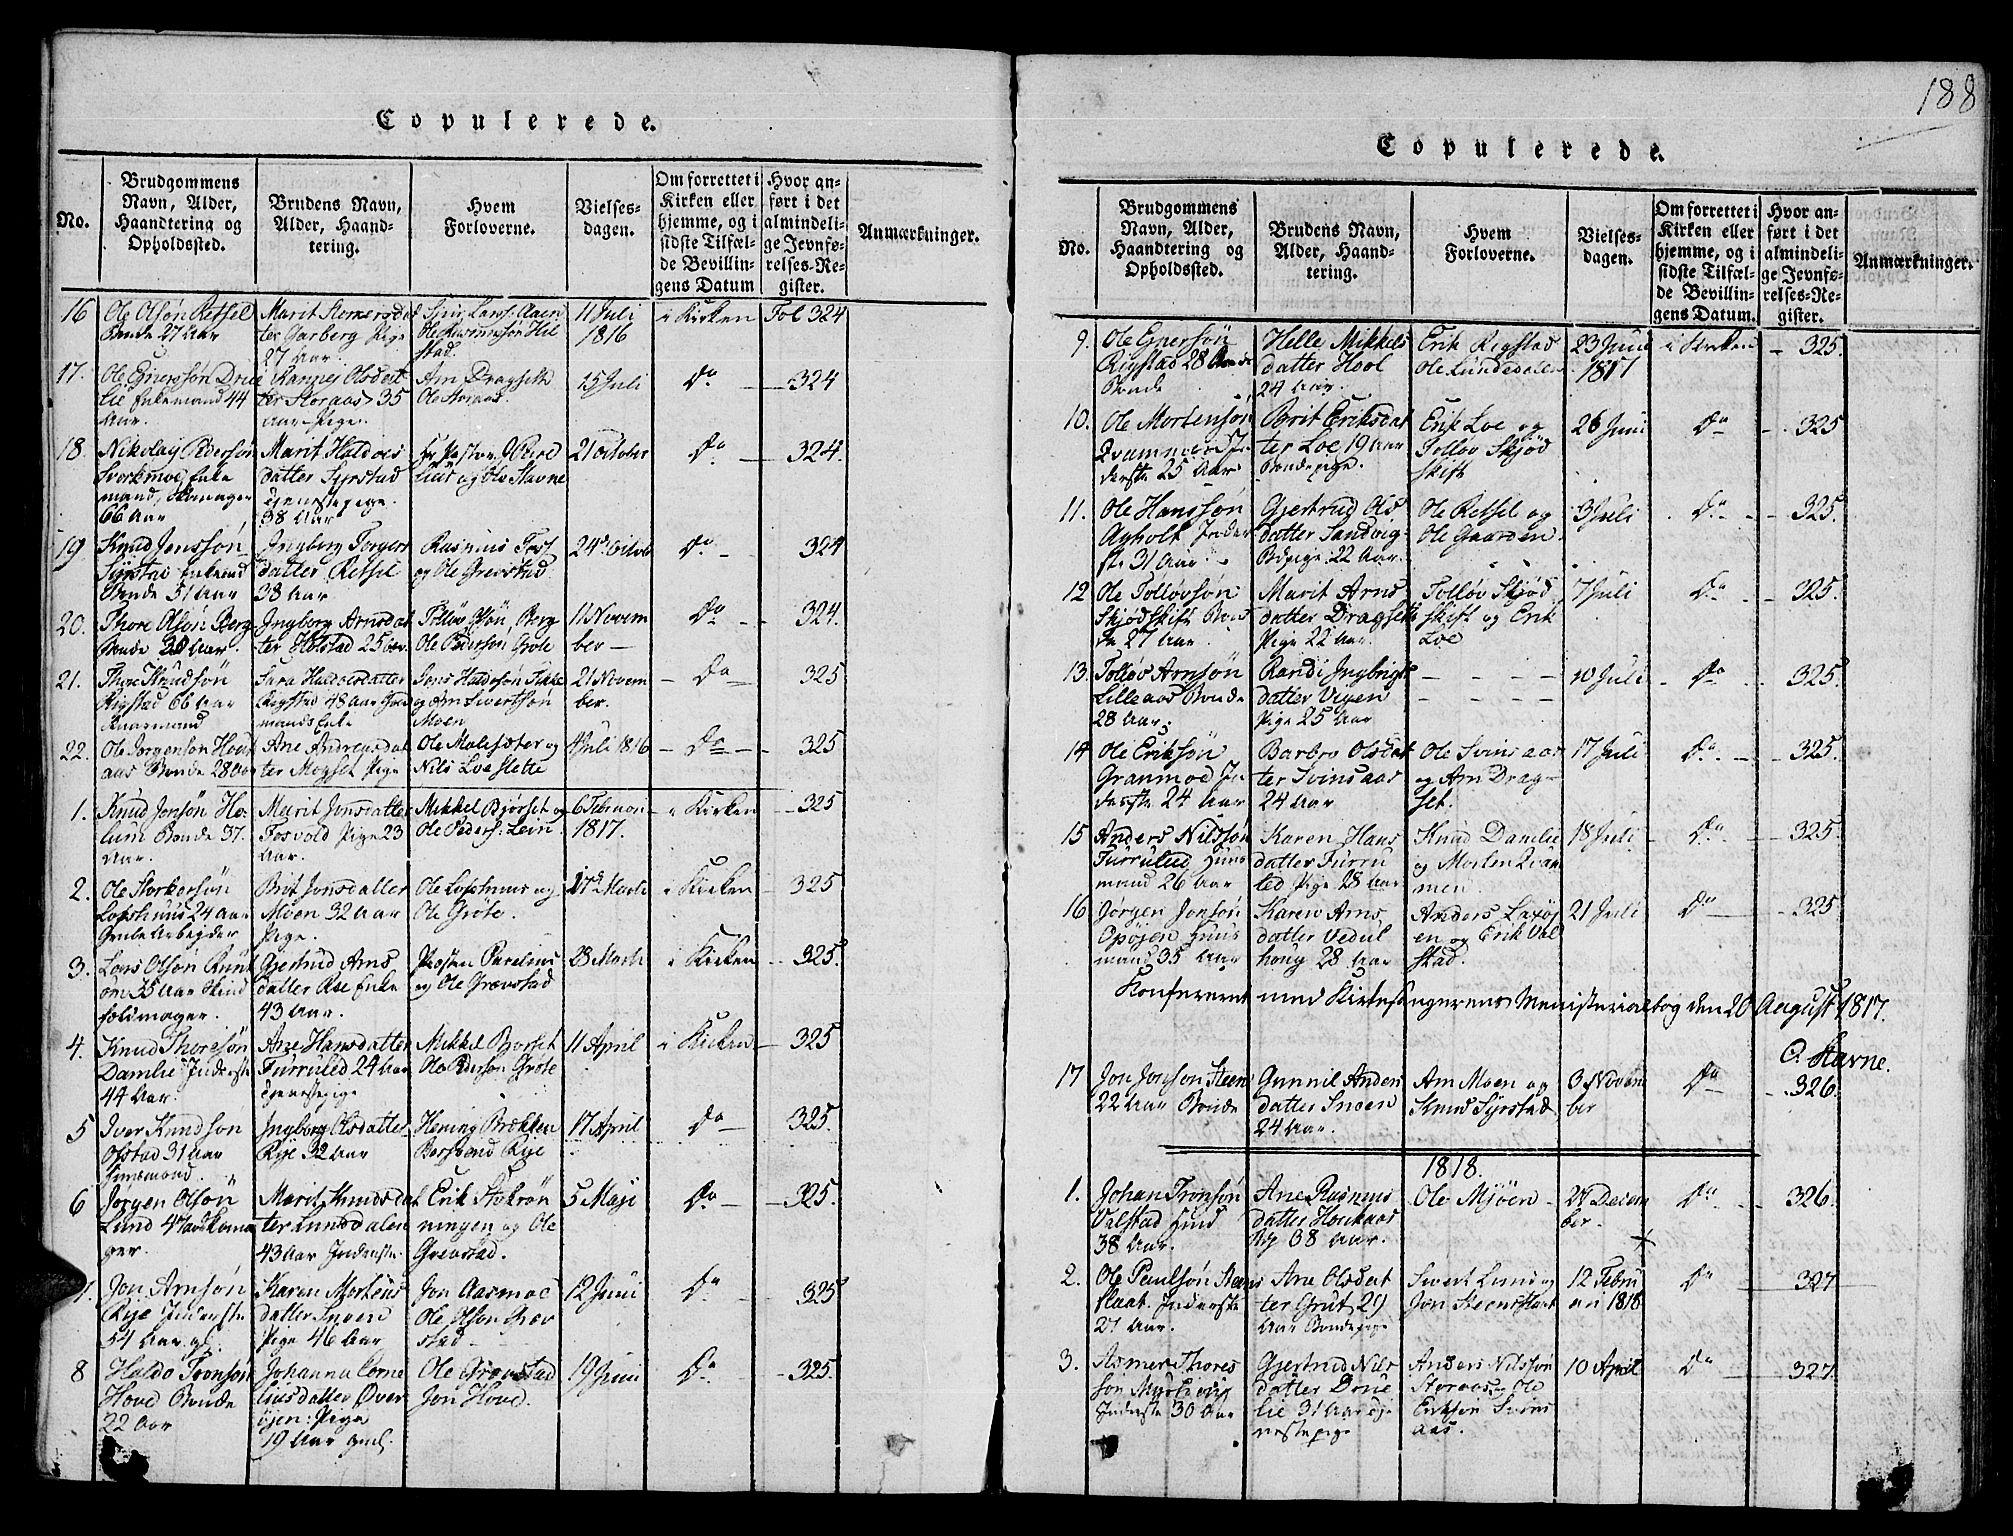 SAT, Ministerialprotokoller, klokkerbøker og fødselsregistre - Sør-Trøndelag, 672/L0853: Ministerialbok nr. 672A06 /1, 1816-1829, s. 188